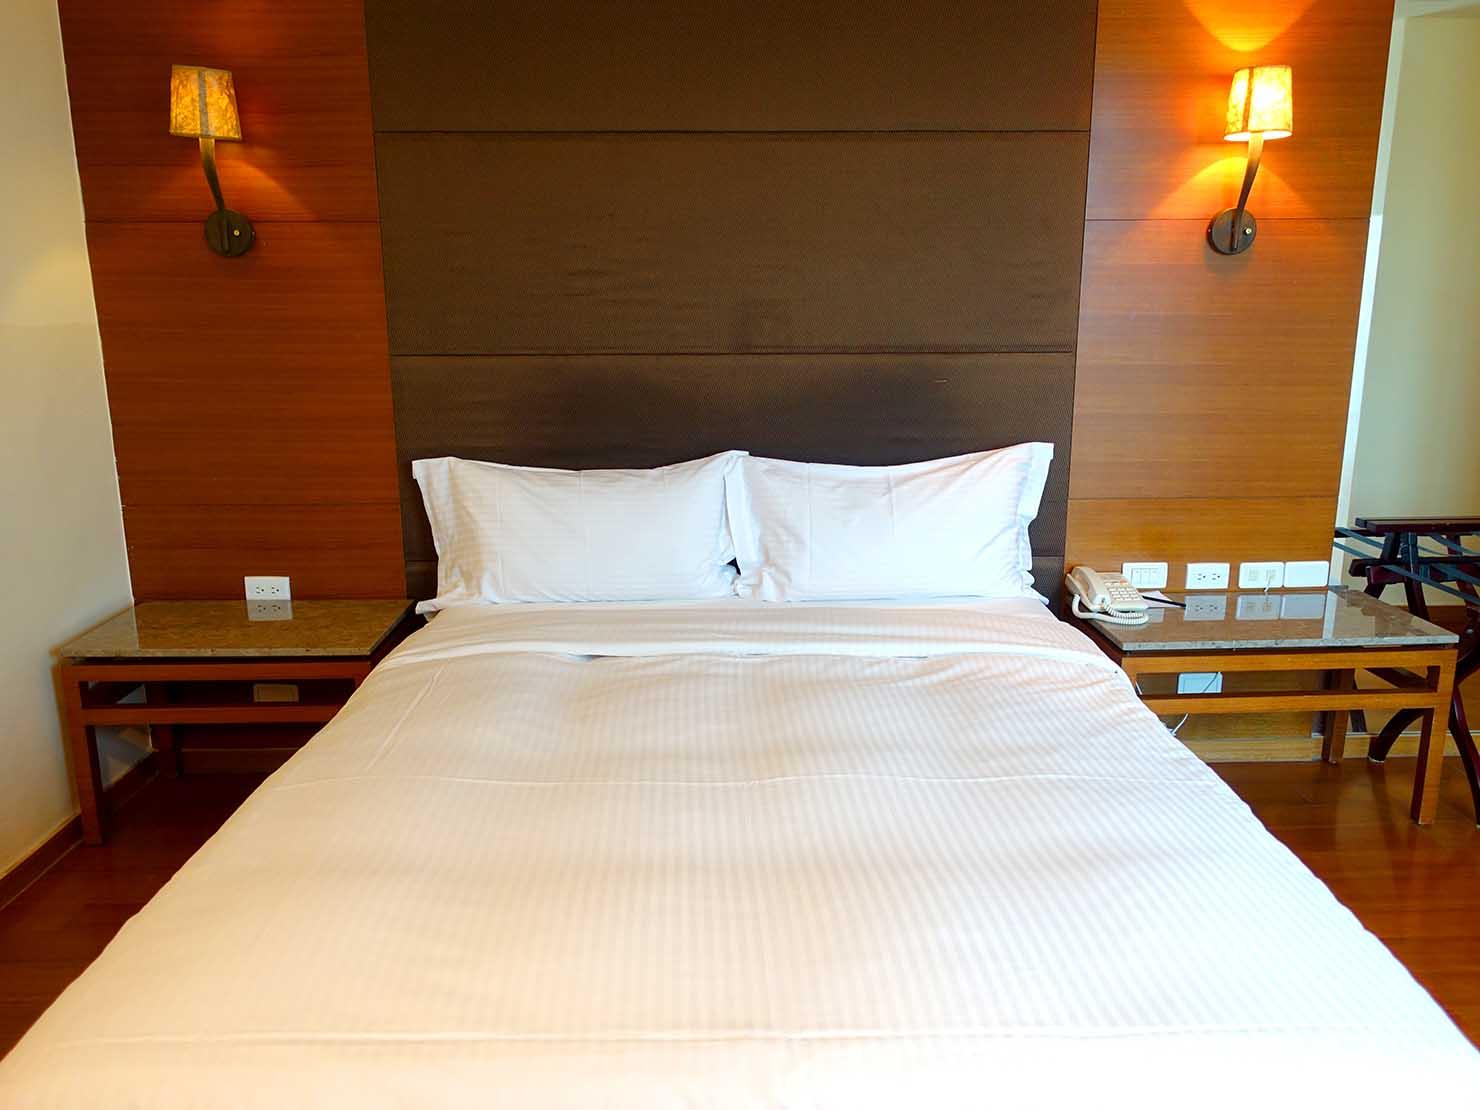 花蓮市街中心部にあるホテル「馥麗生活旅店 Quality Inn」スーペリアダブルのベッド